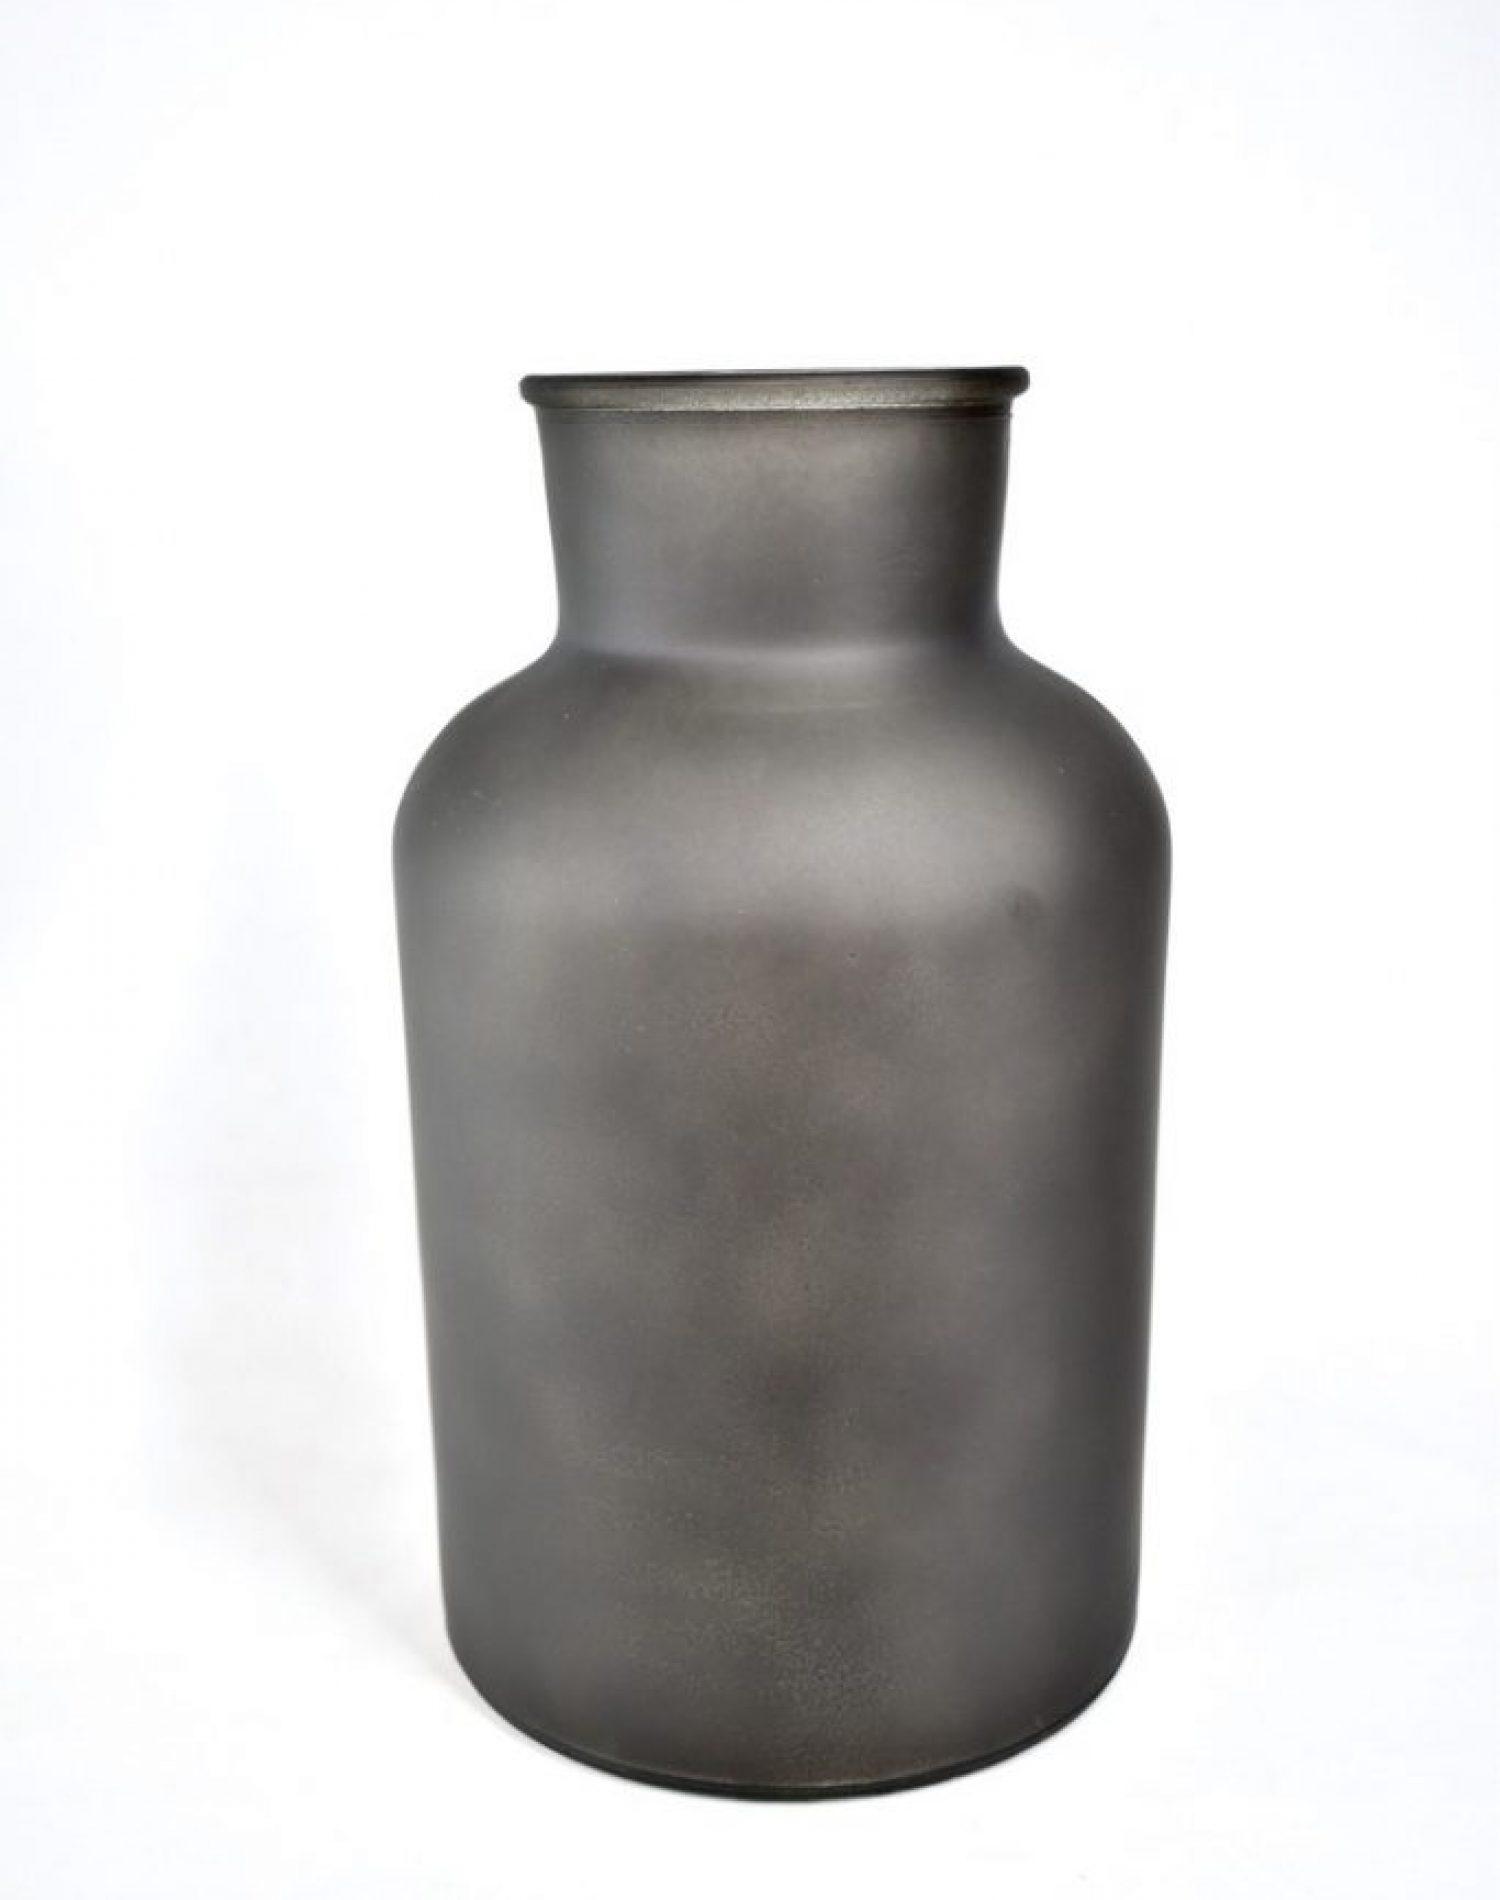 zwarte vaas voor droogbloemen